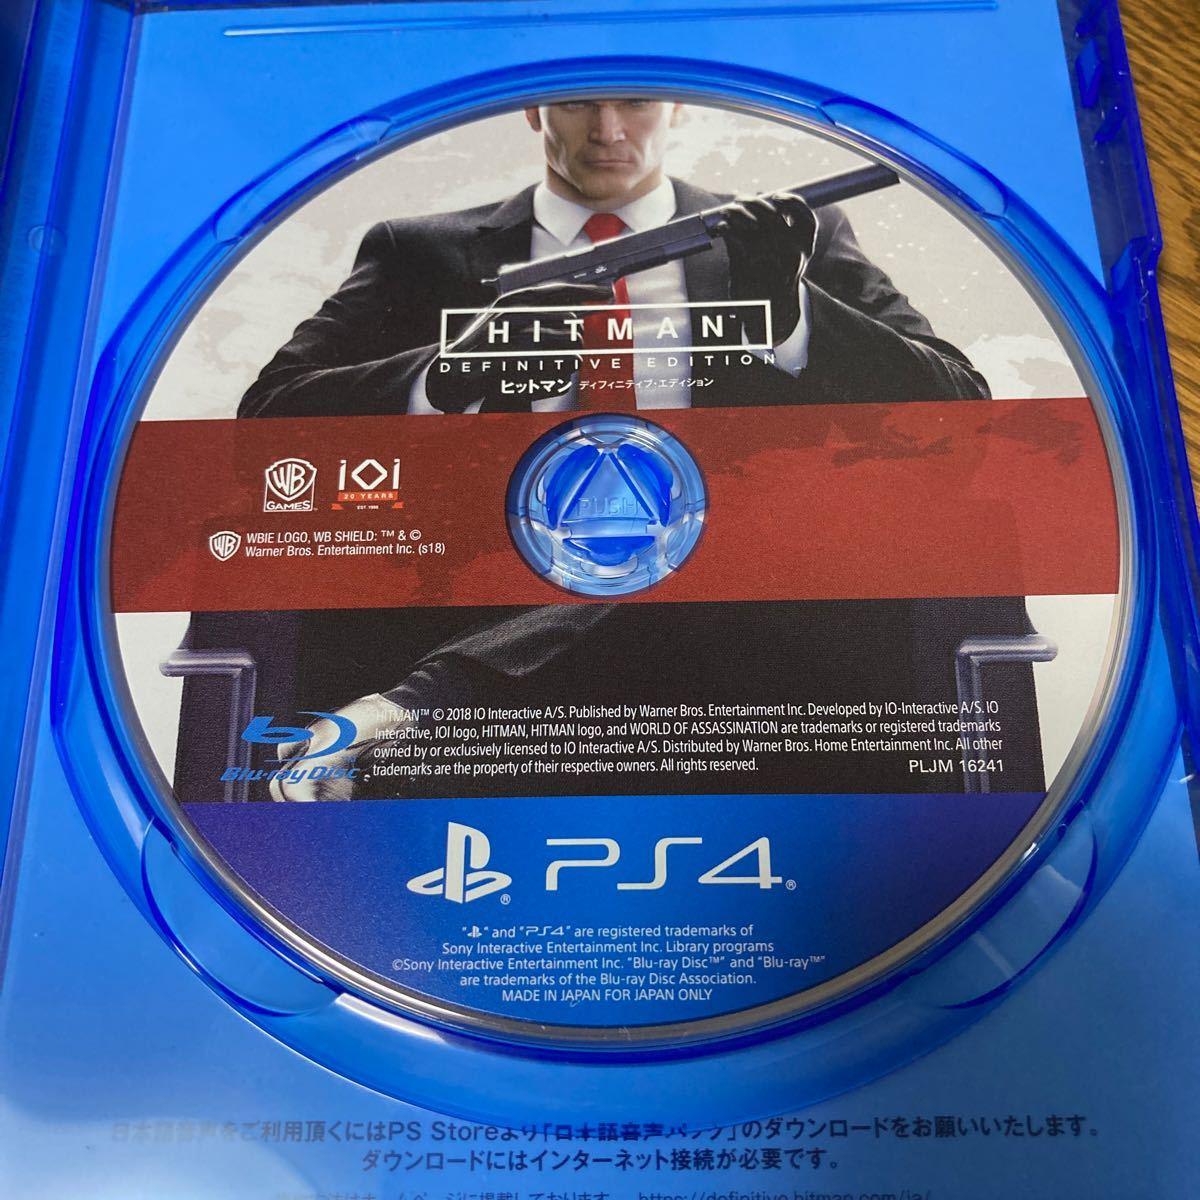 【PS4】 ヒットマン ディフィニティブ・エディション